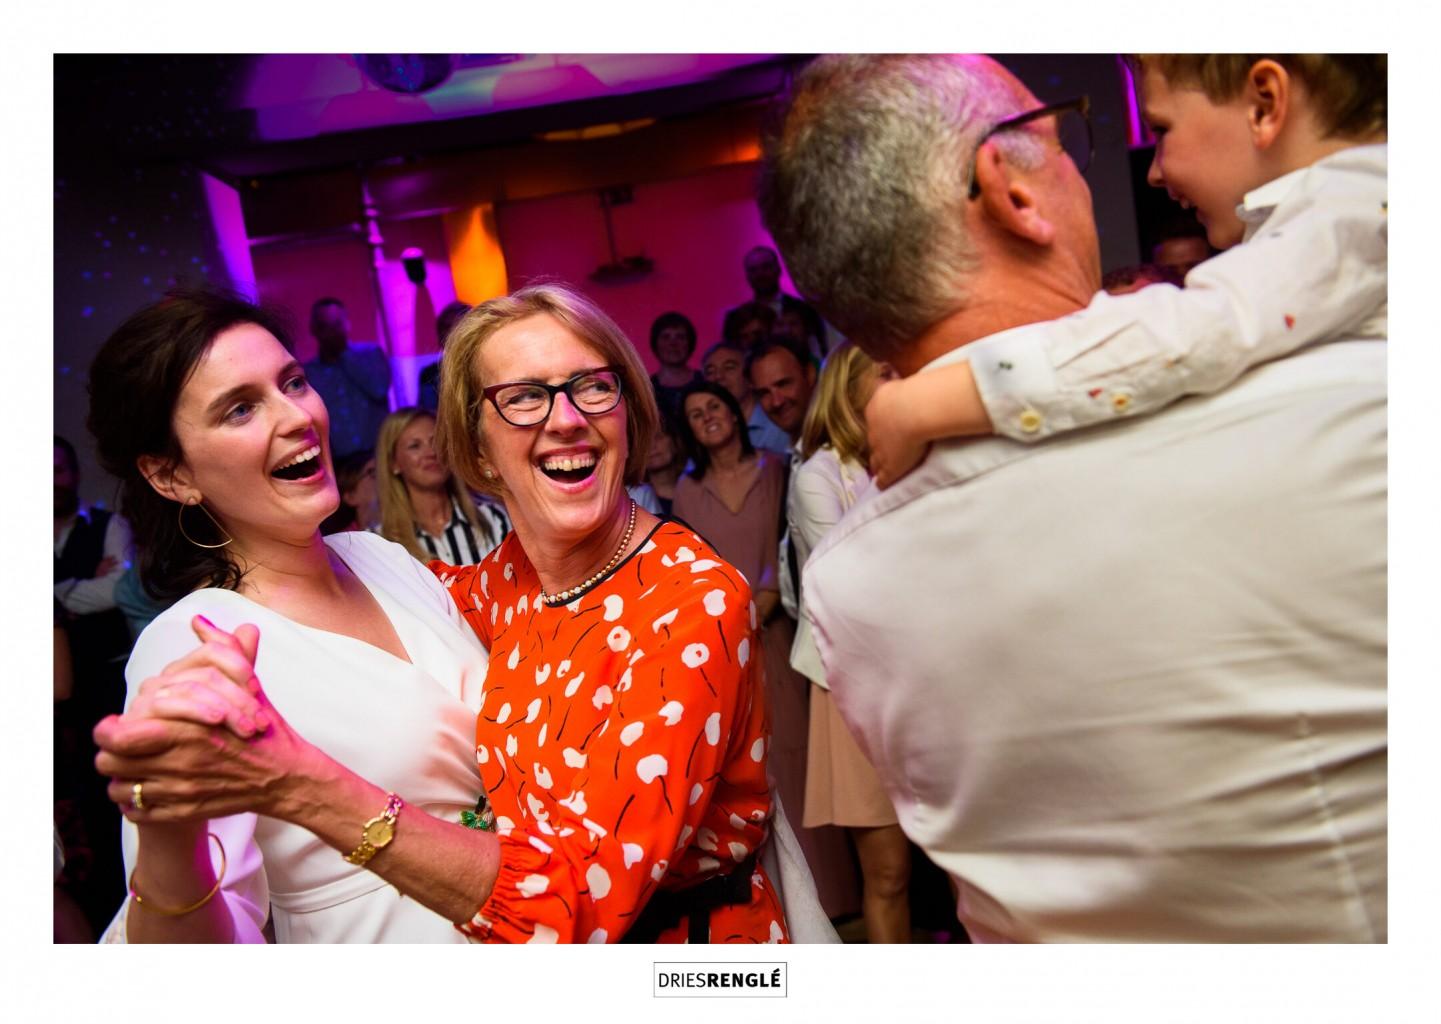 009-feestzaal-huwelijk-de-hoorn-dries-rengle